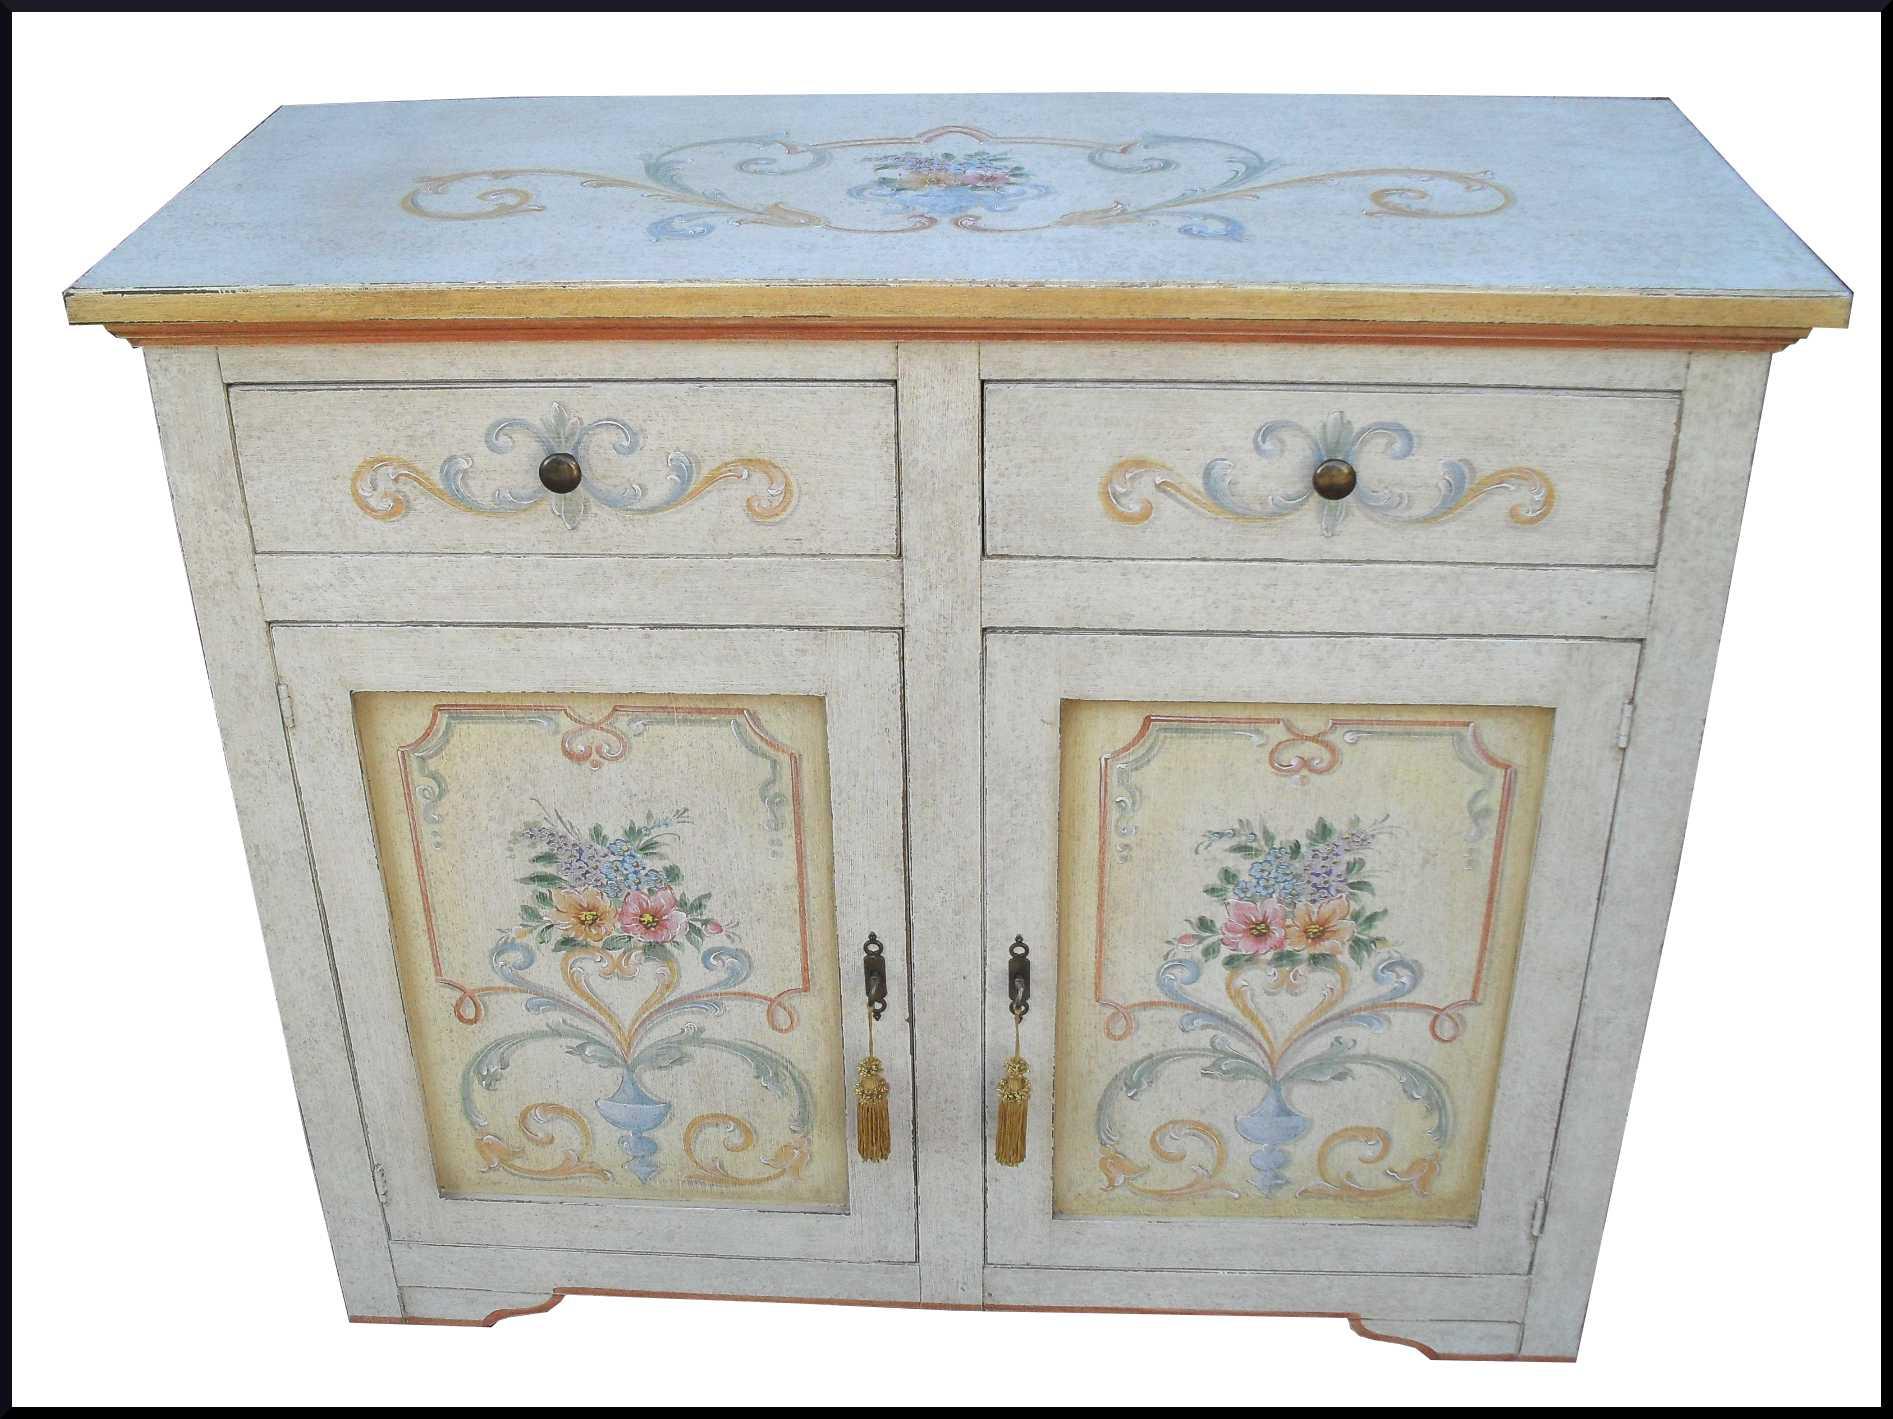 Mobili decorati credenzina 2 porte greche e fiori la - Dipingere mobili ikea ...